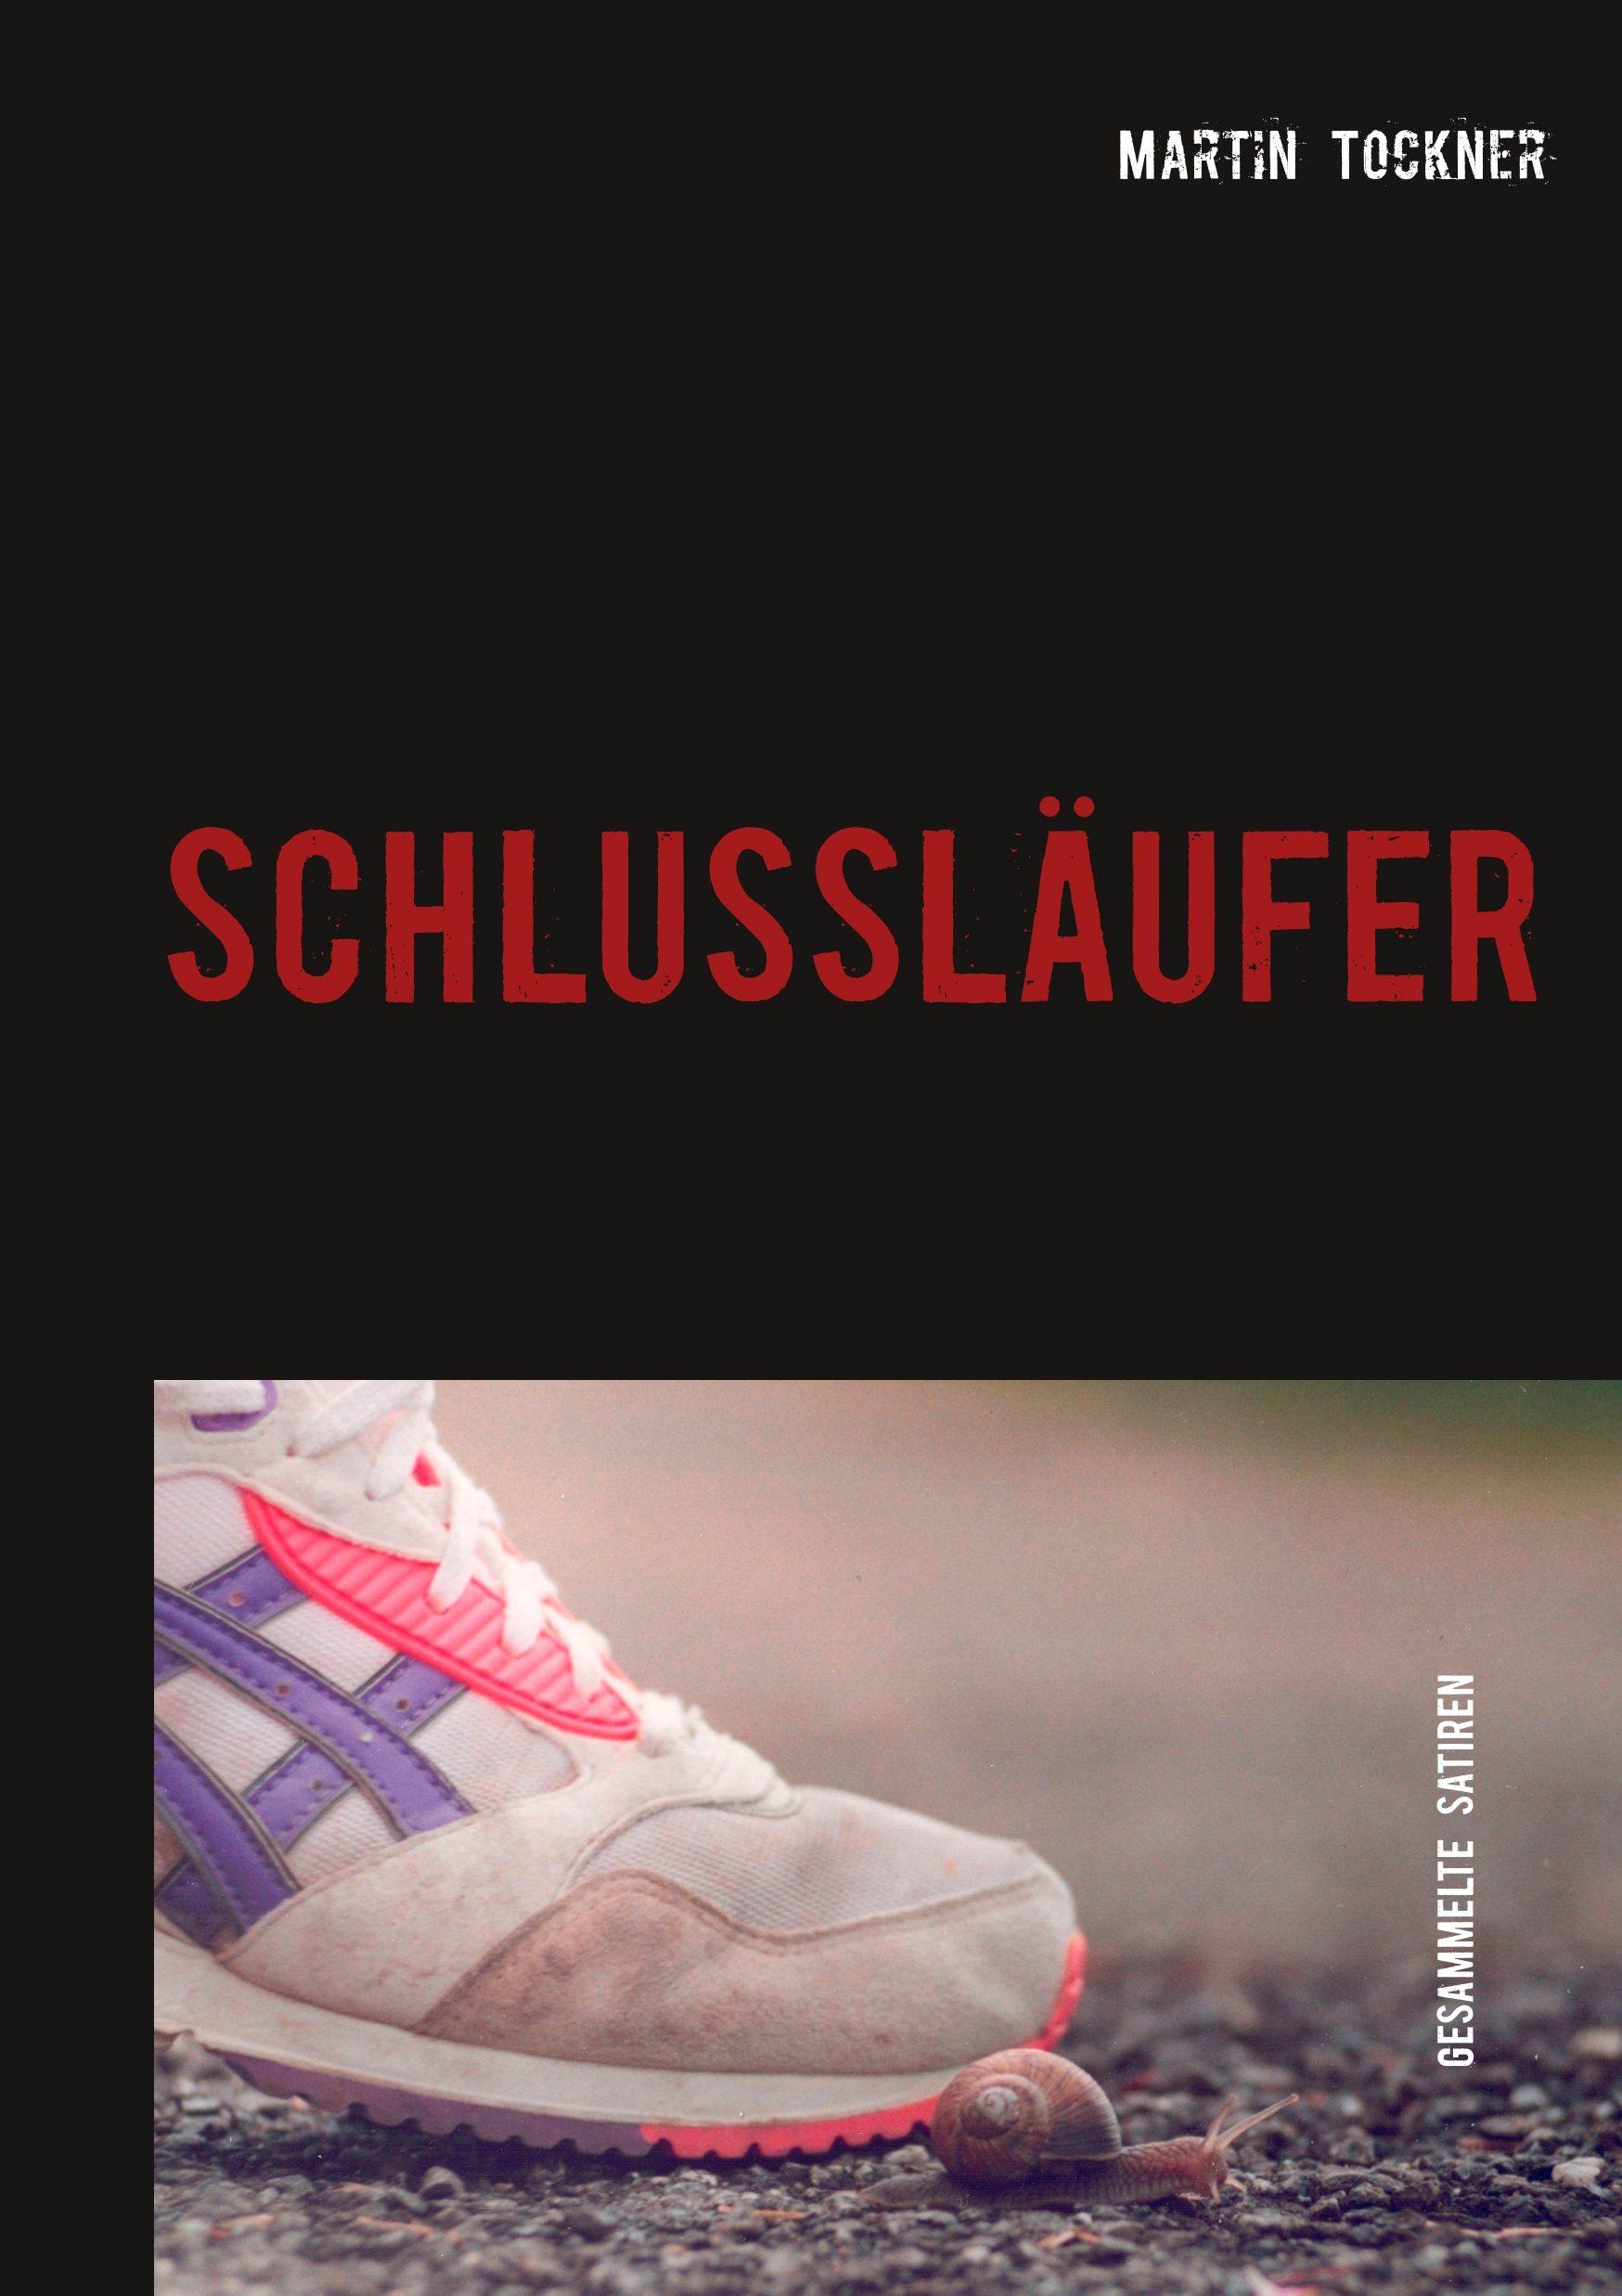 SCHLUSSLÄUFER – Das Buch